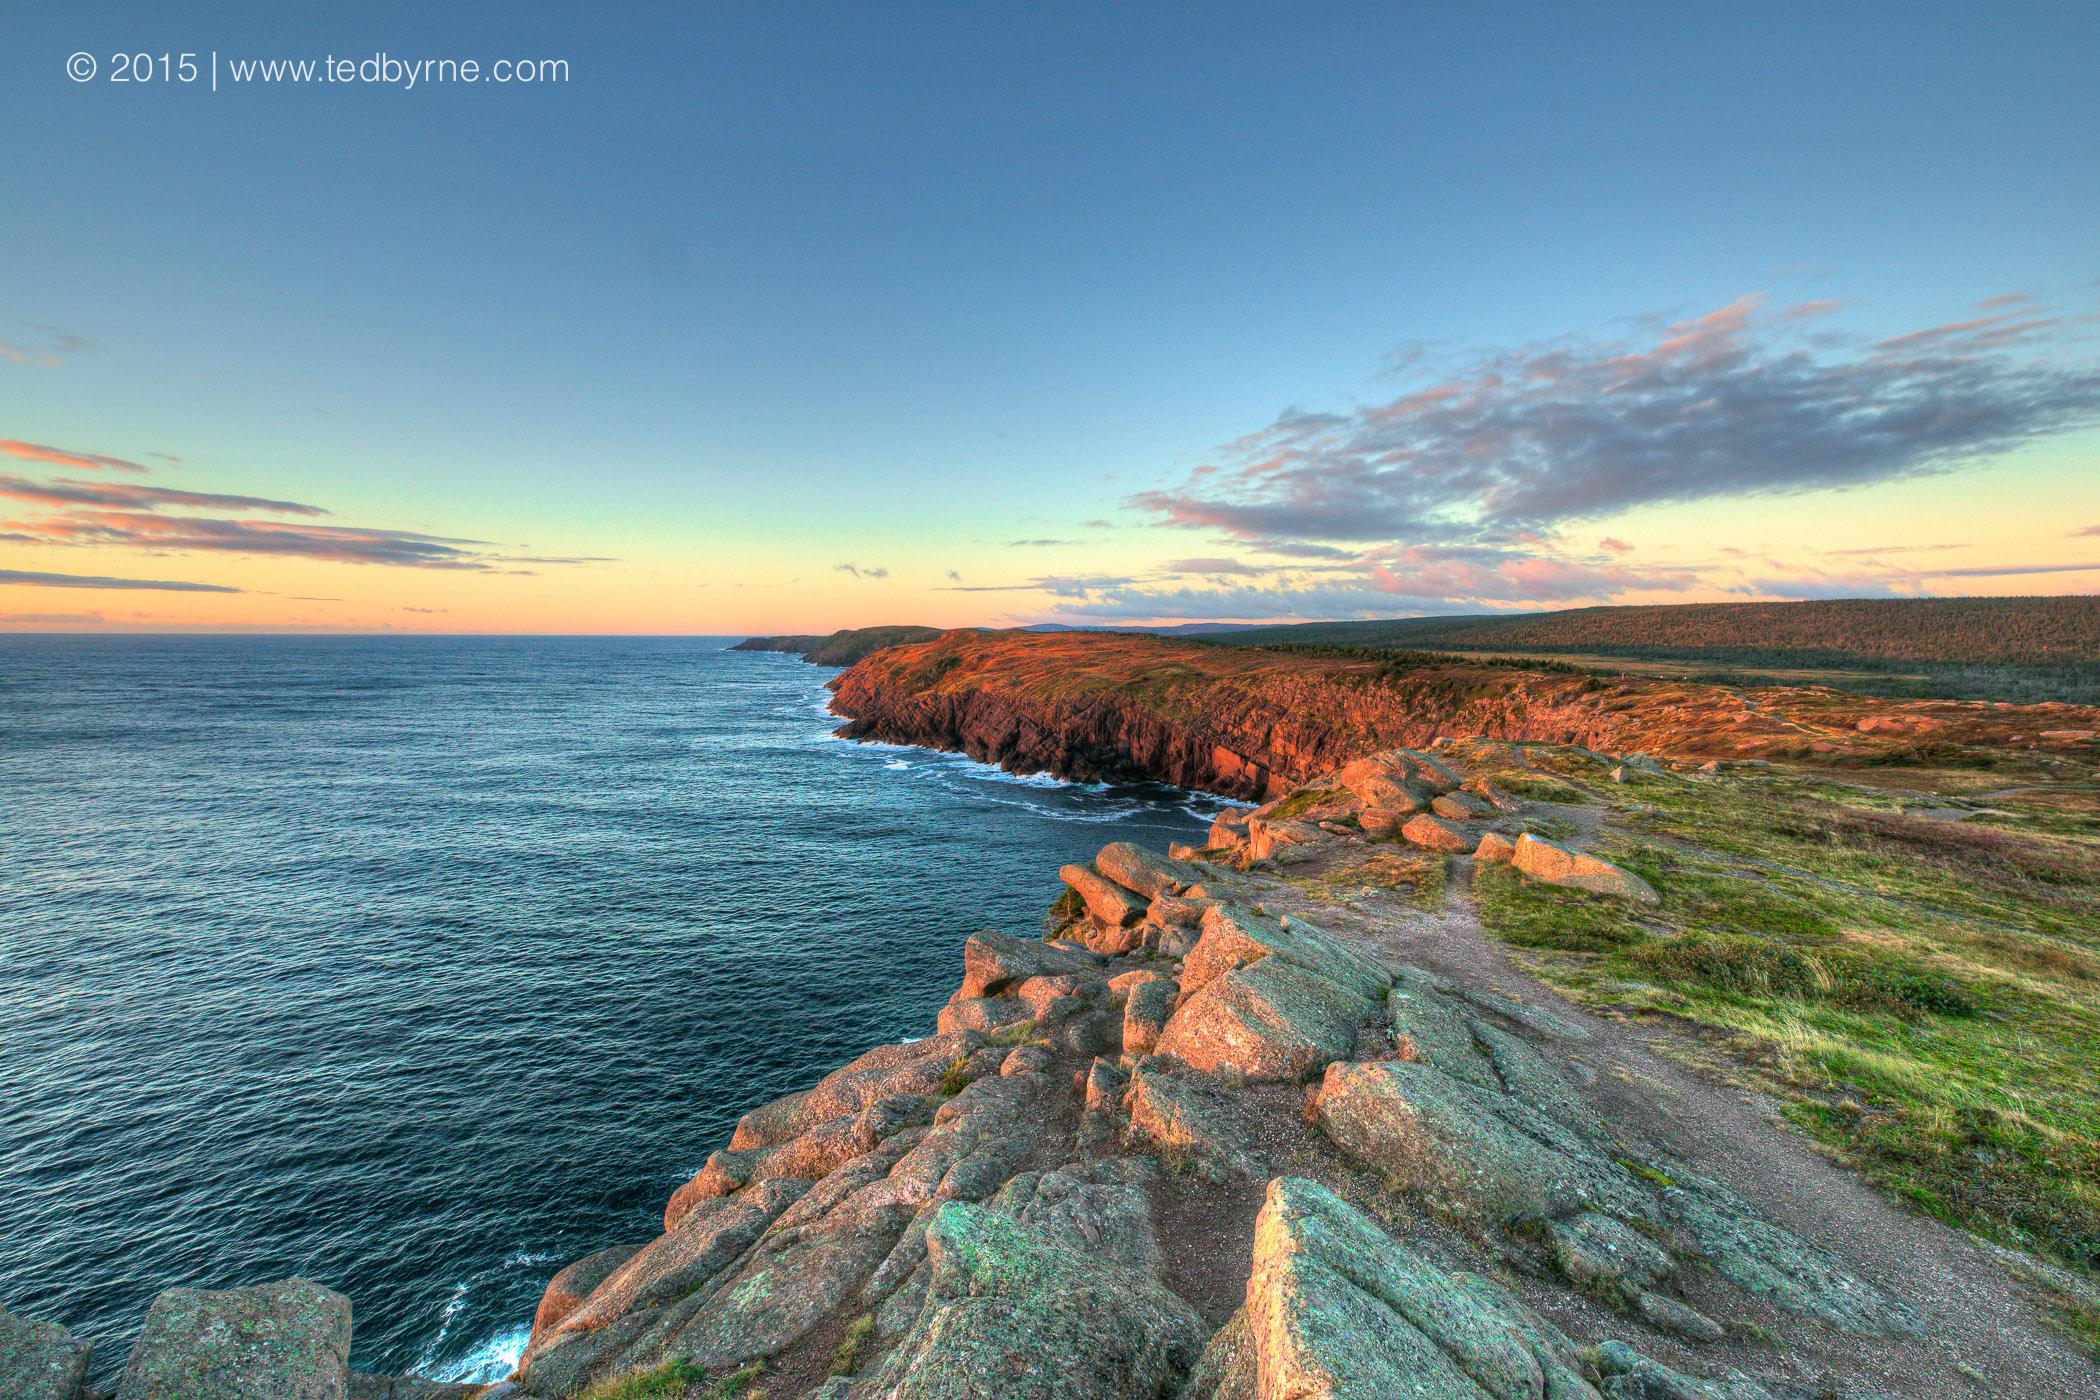 Sunrise on the eastern coast of North America